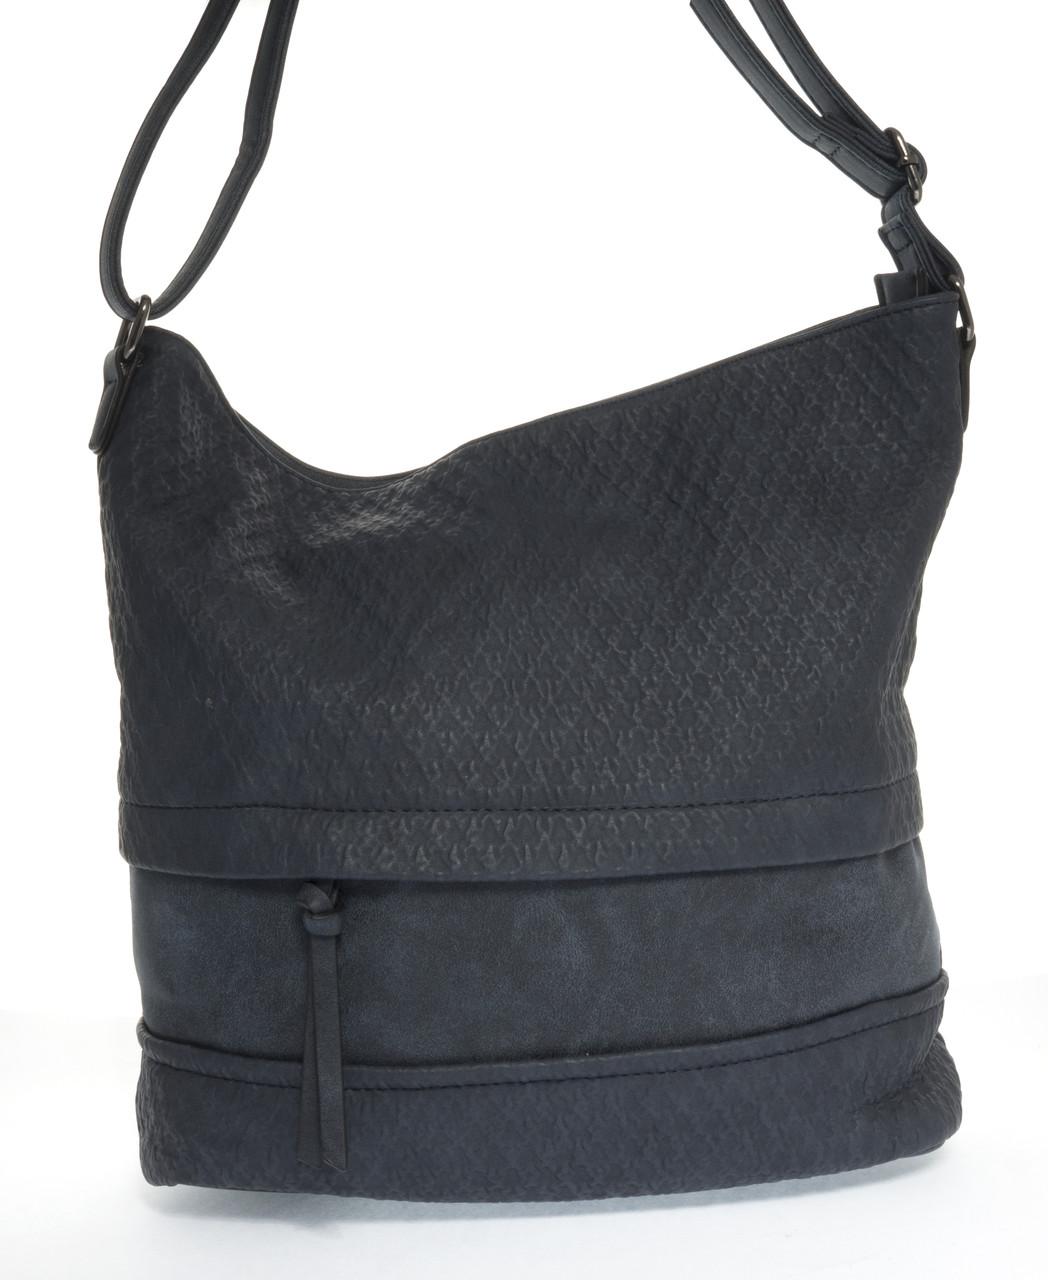 Вместительная стильная прочная модная качественная женская сумка Silviarosa art. SR-5352